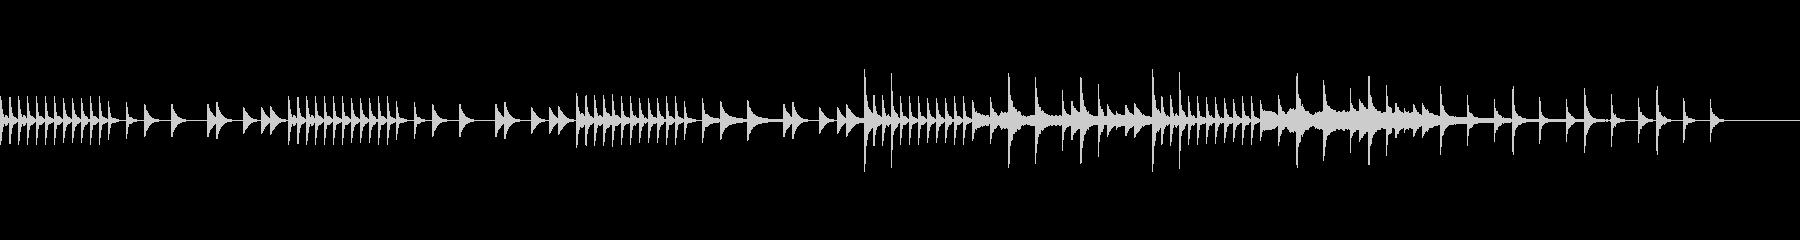 スローテンポベース抜きの未再生の波形